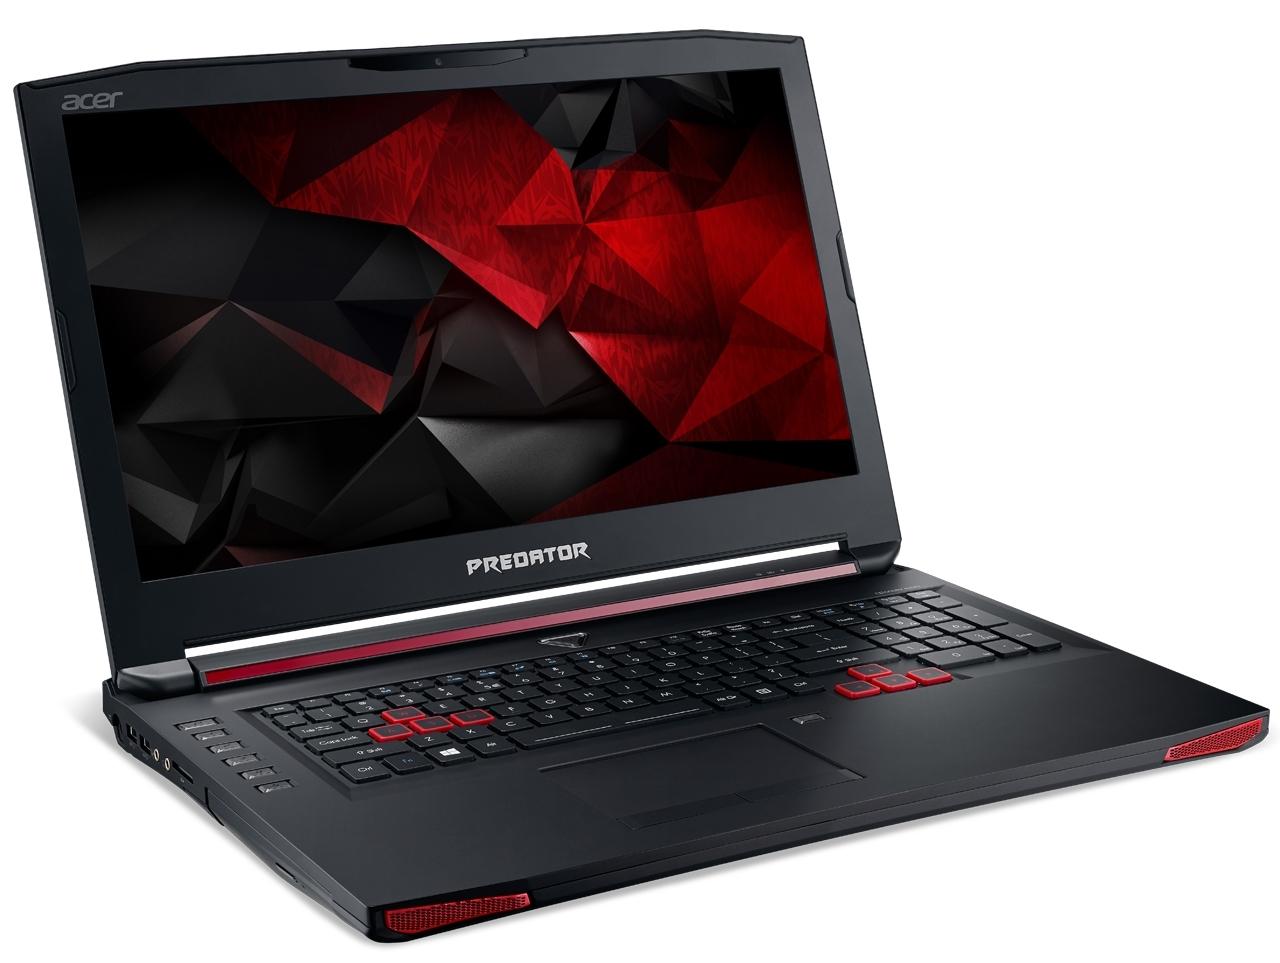 acer predator laptop gaming